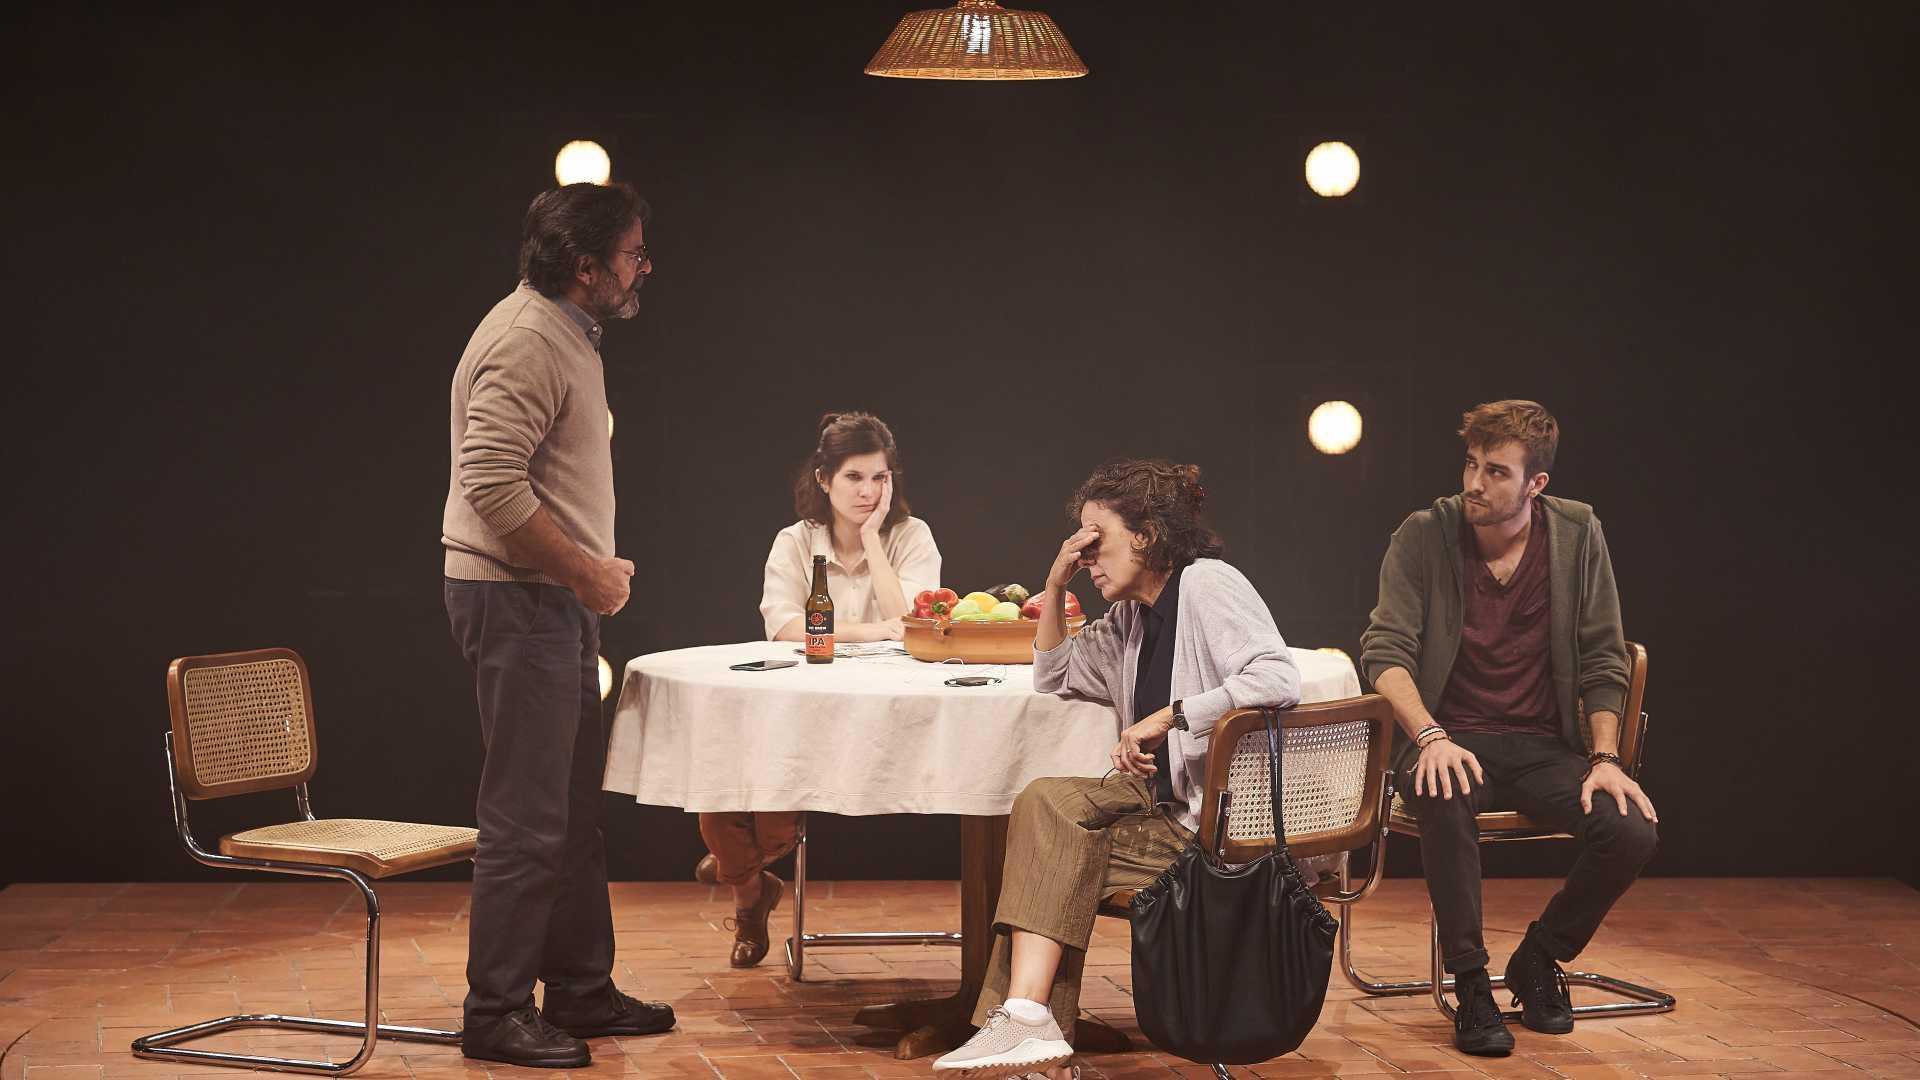 Abel Folk, Marta Ossó, Míriam Iscla i Francesc Cuéllar protagonitzen 'Alguns dies d'ahir'. Foto: David Ruano